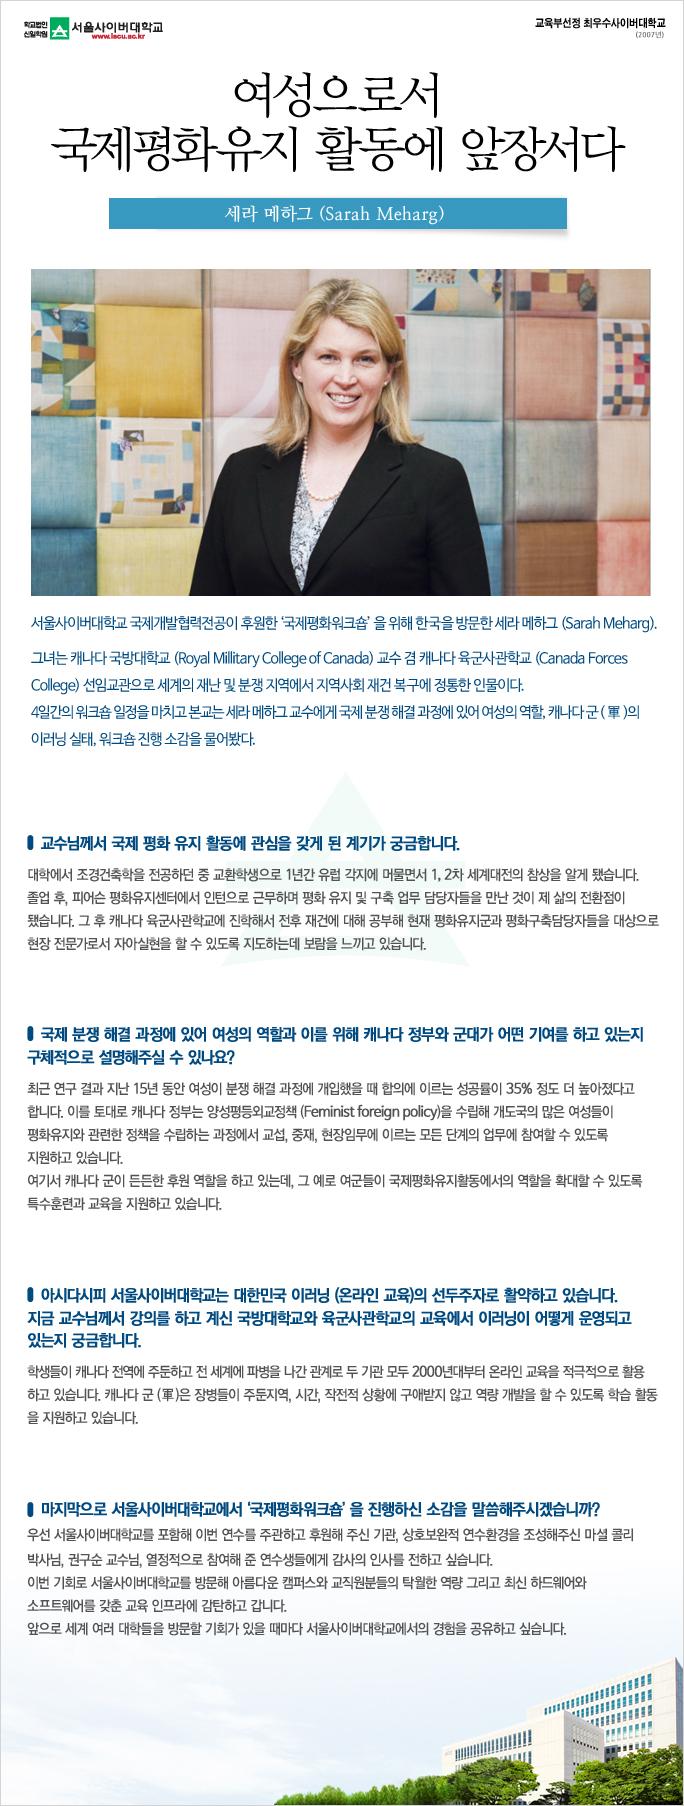 세라 메하그 - 여성으로서 국제평화유지 활동에 앞장서다